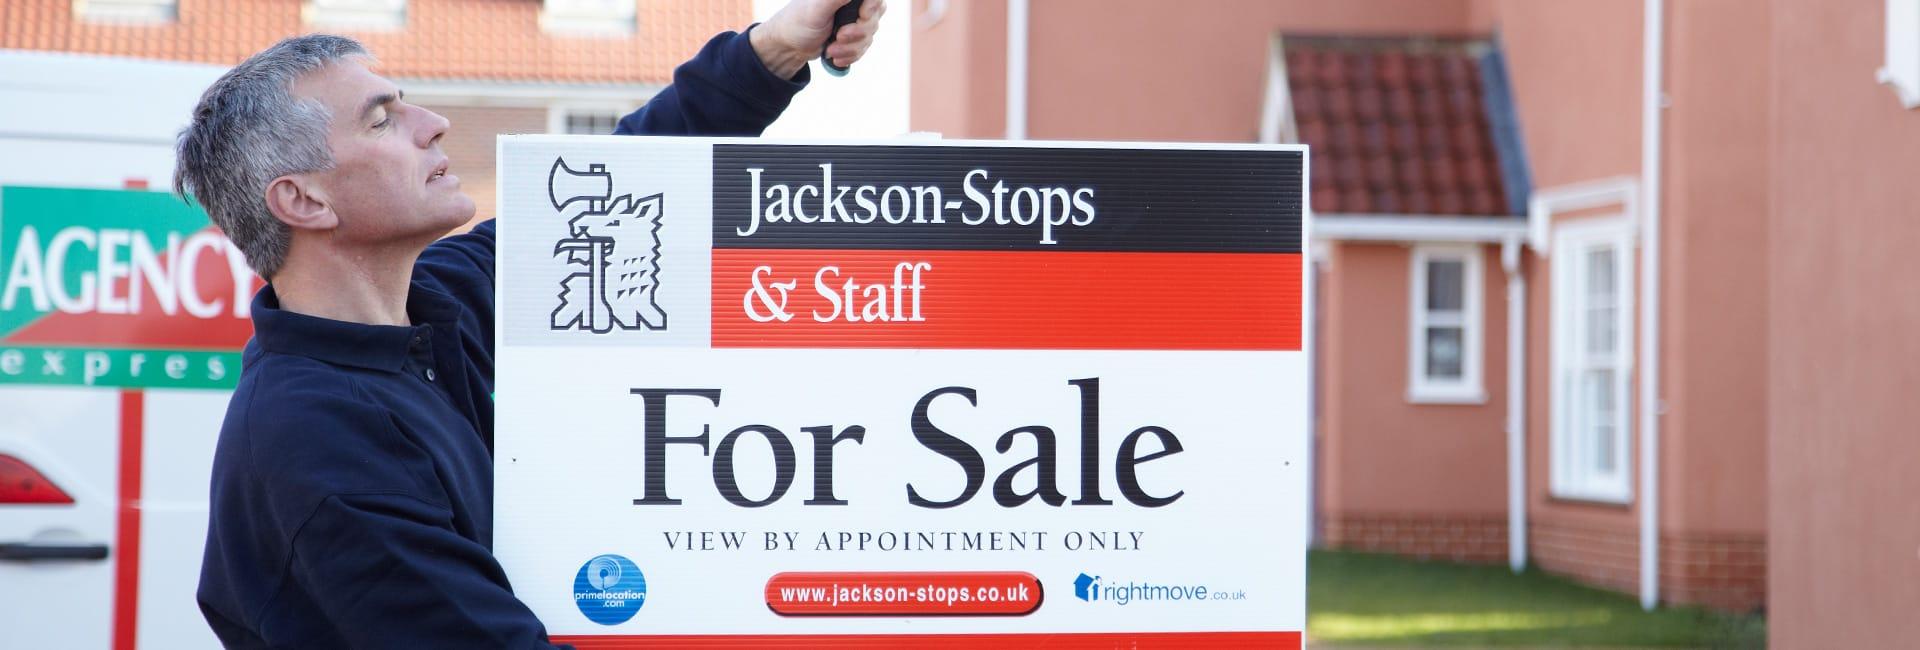 Jacskon Stops estate agency baord